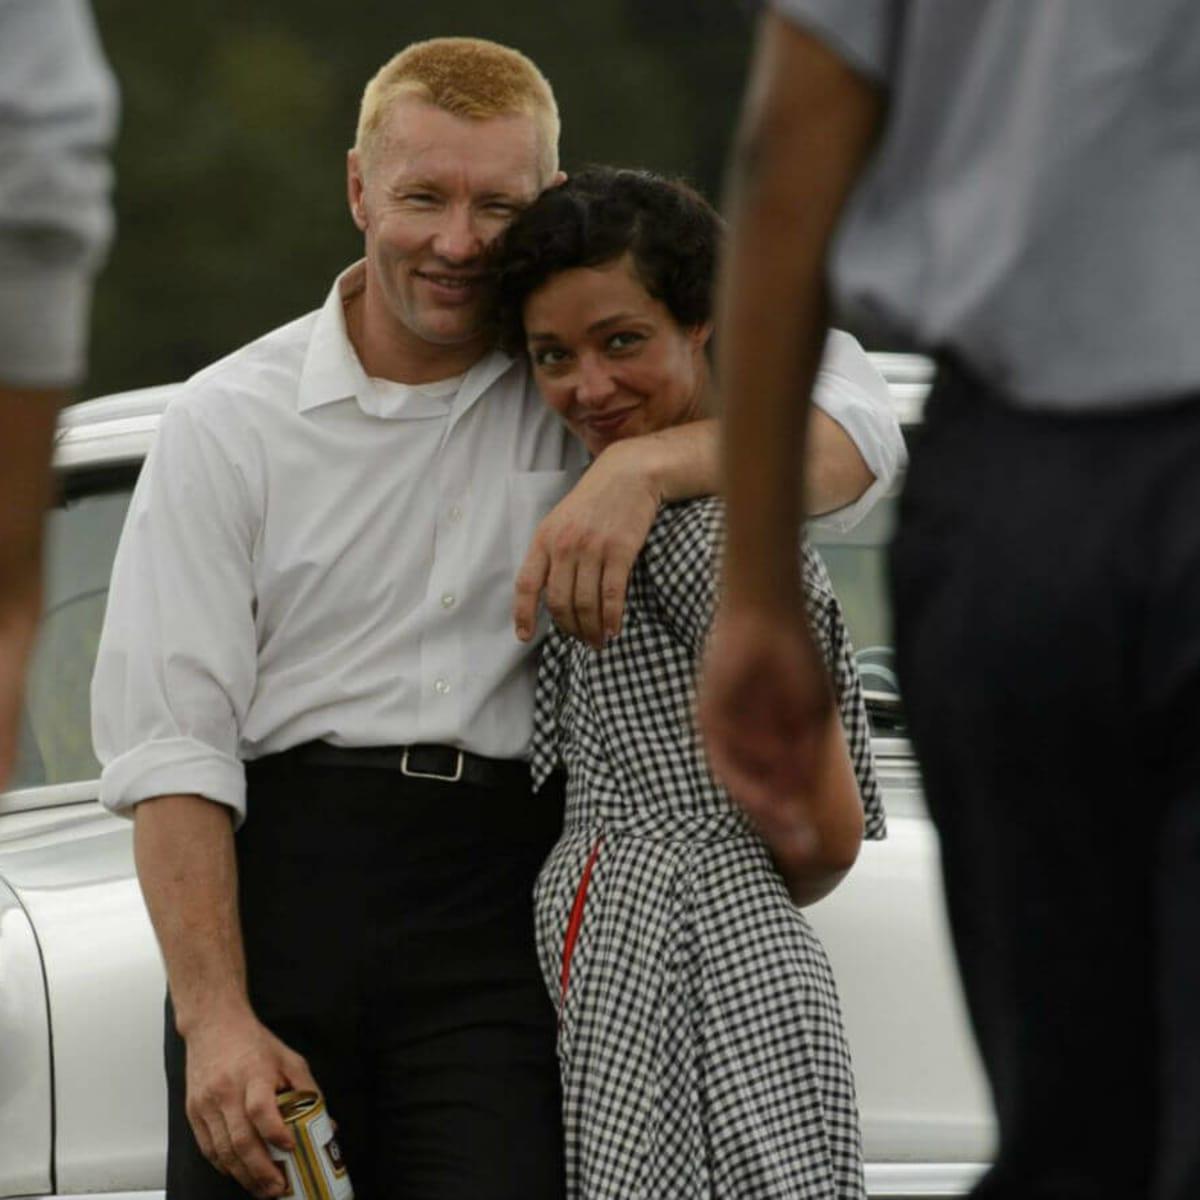 Joel Edgerton and Ruth Negga in Loving